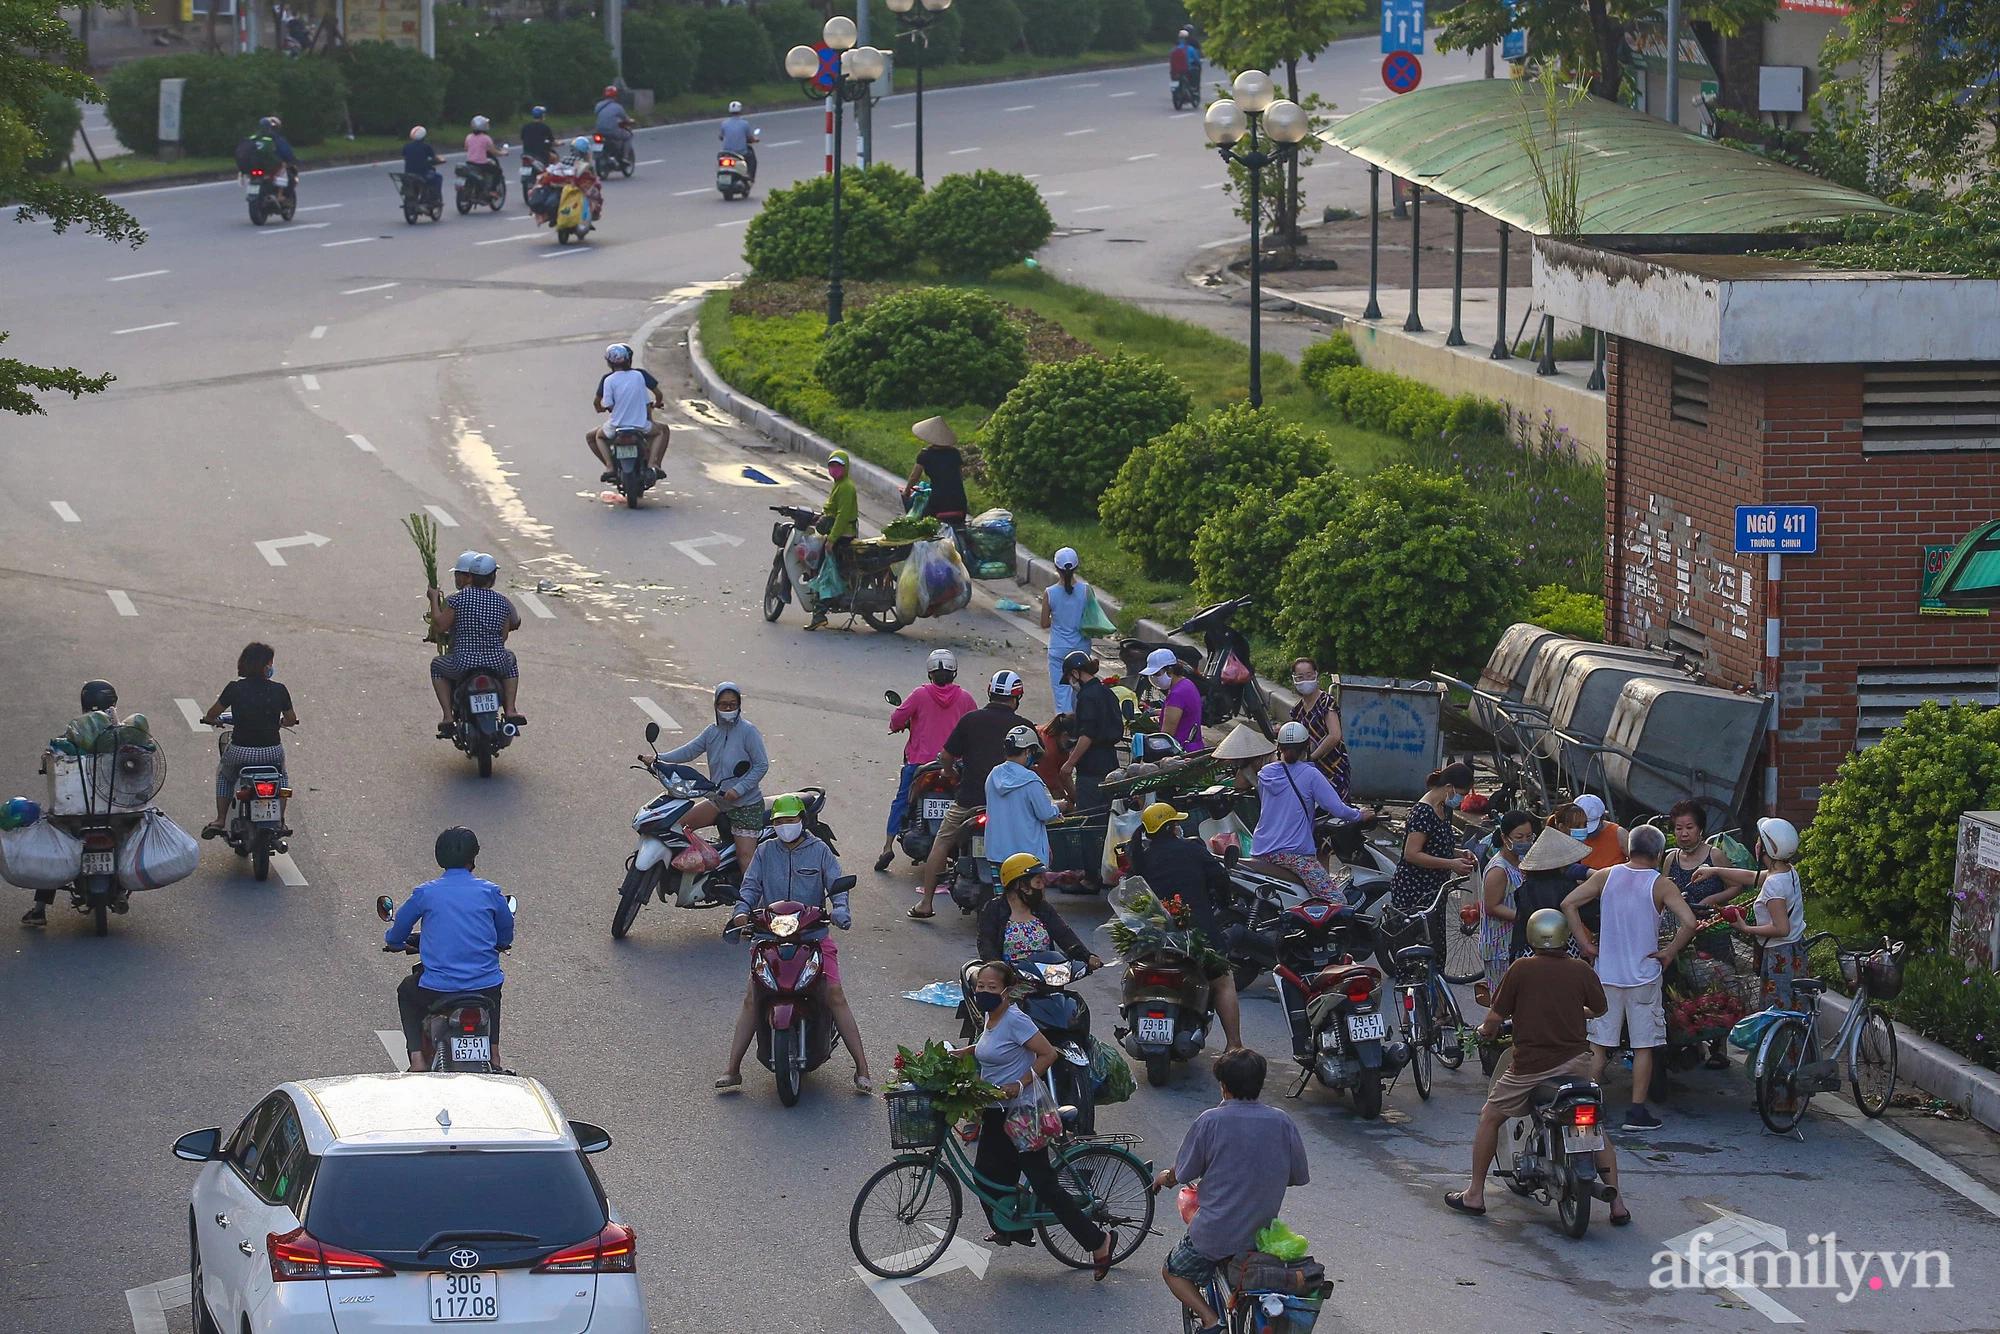 Buổi sáng đầu tiên cách ly toàn xã hội, đường phố Hà Nội vắng vẻ, người dân chỉ tập trung đông tại một số khu chợ để mua đồ ăn uống, sinh hoạt cho những ngày sắp tới - Ảnh 11.